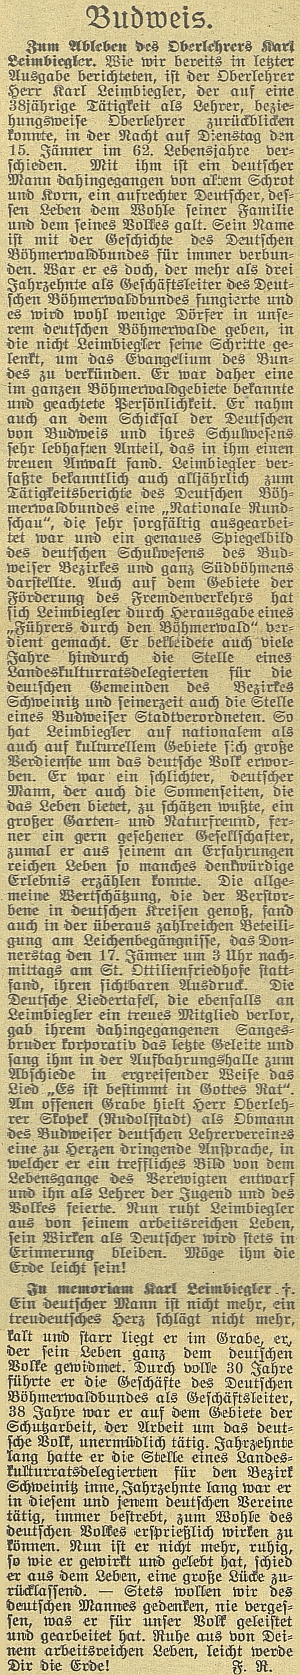 Obsáhlý nepodepsaný nekrolog v českobudějovickém německém listě pokračuje kratším sautorskoušifrouF.R.